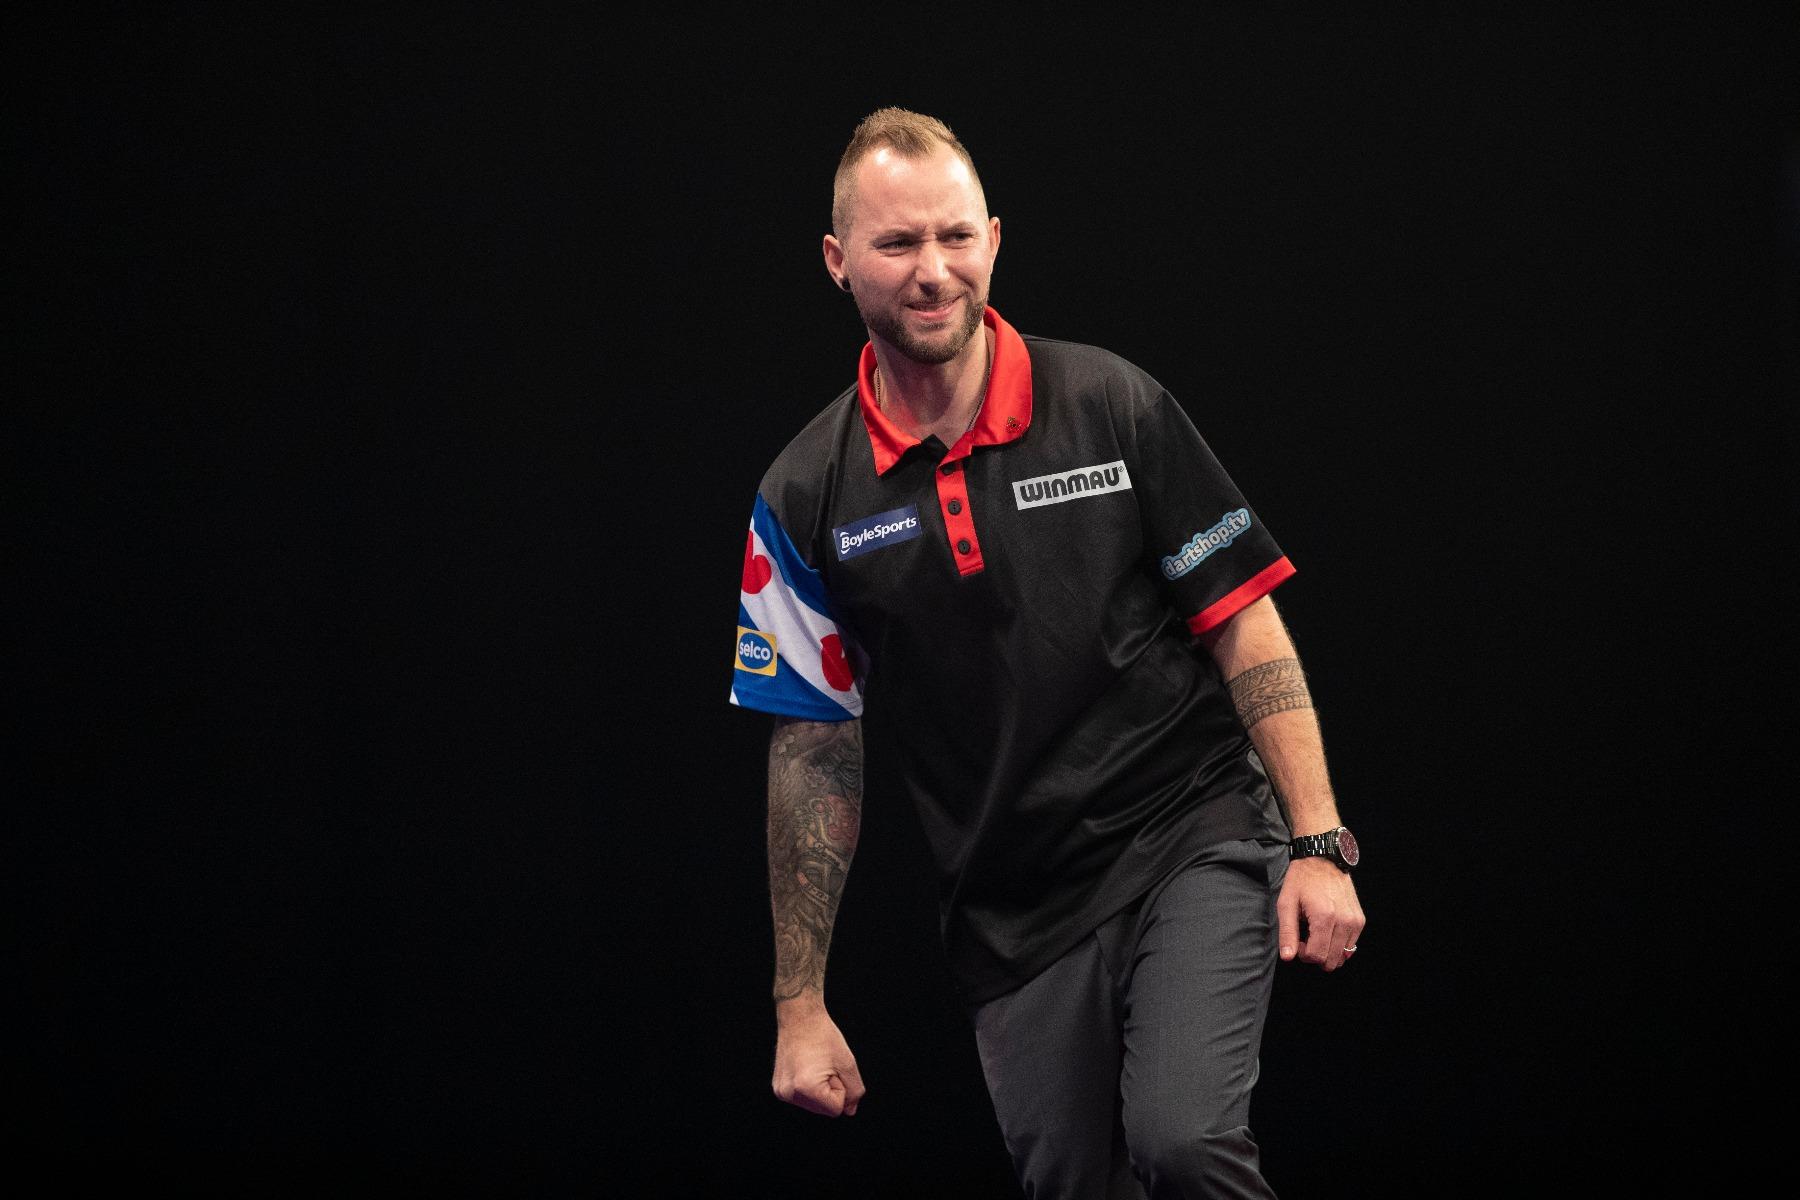 Danny Noppert Grand Slam of Darts 2019